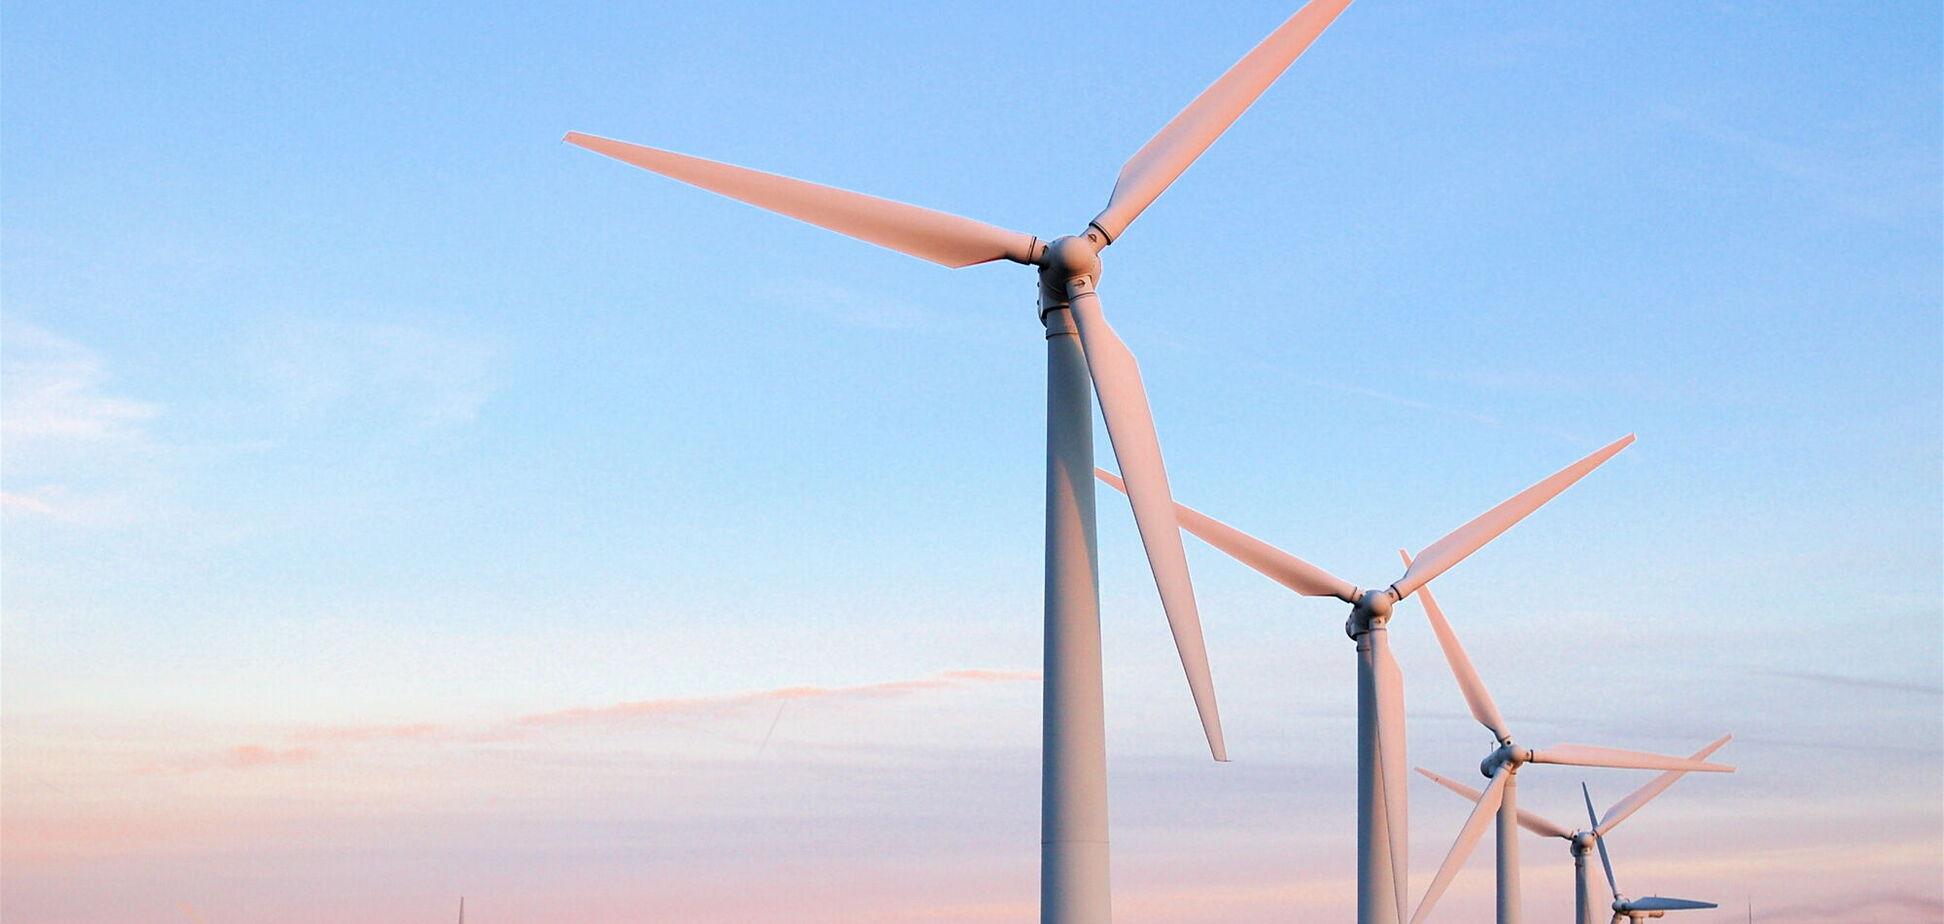 Развитие ветроэнергетики в Украине замедлилось из-за политических рисков